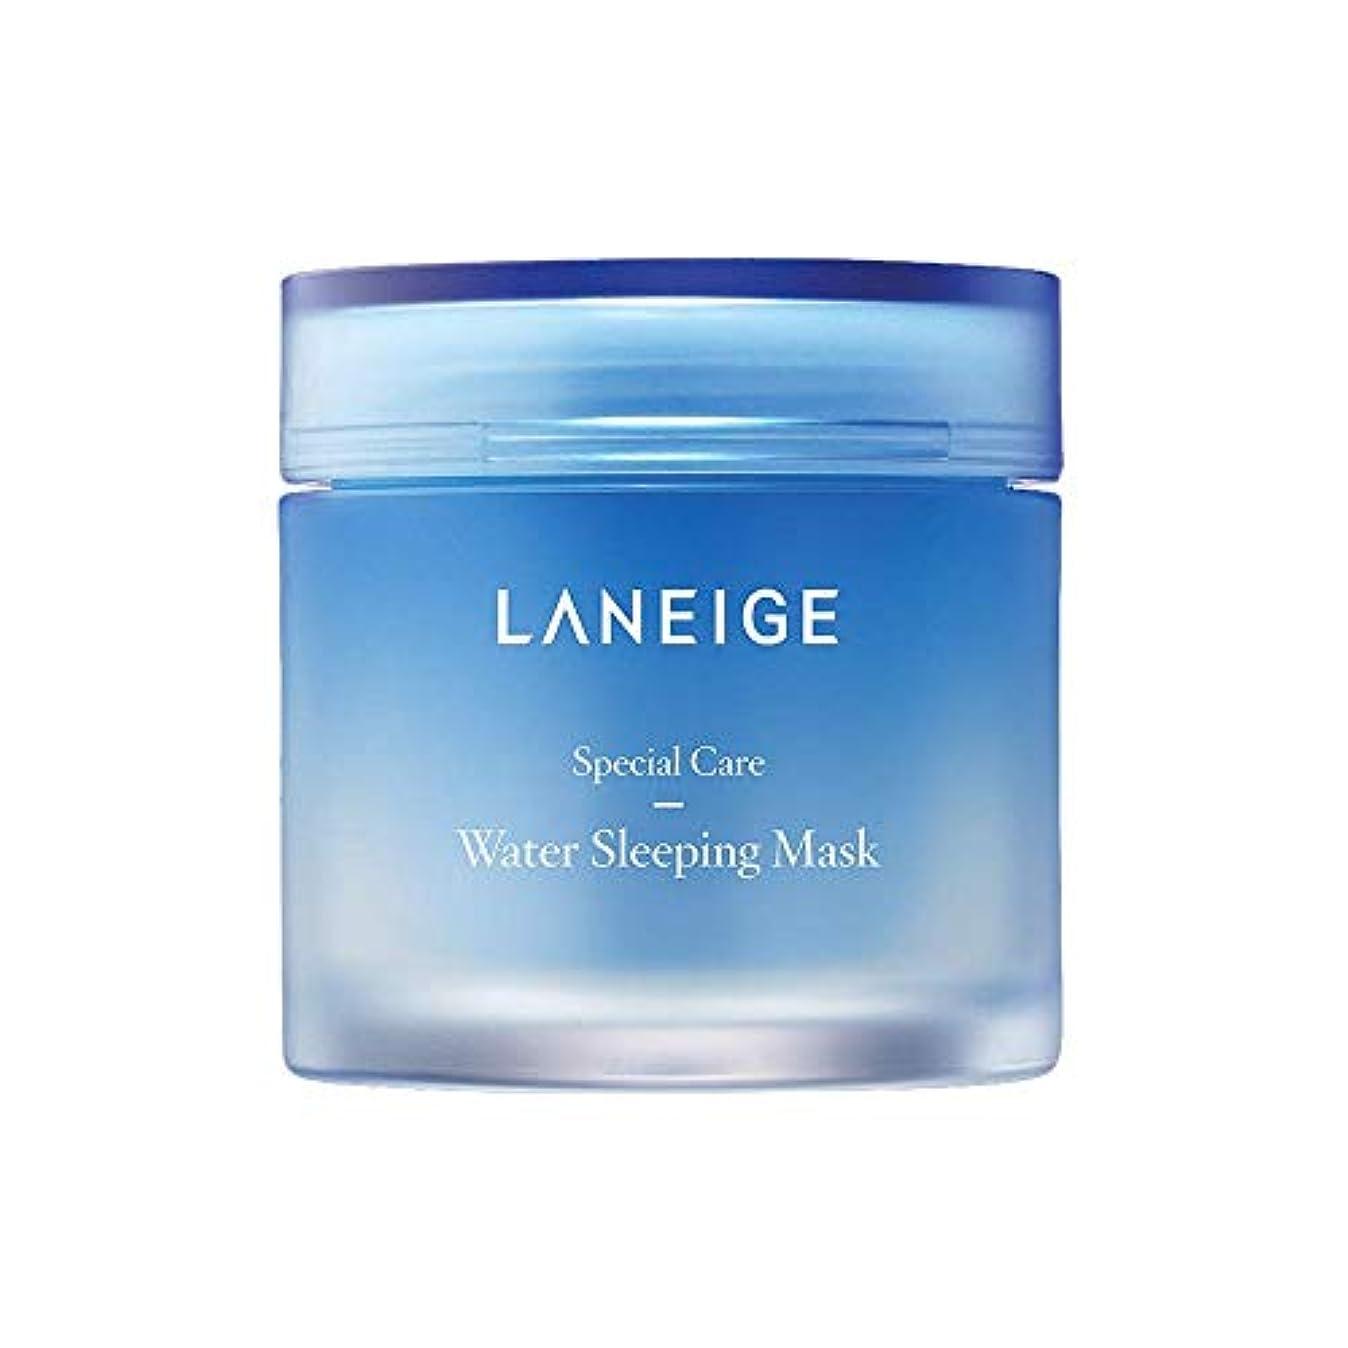 適度なレスリングベースWater Sleeping Mask 70ml/ウォーター スリーピング マスク 70ml [50個限定!人気商品のサンプルプレゼント!]